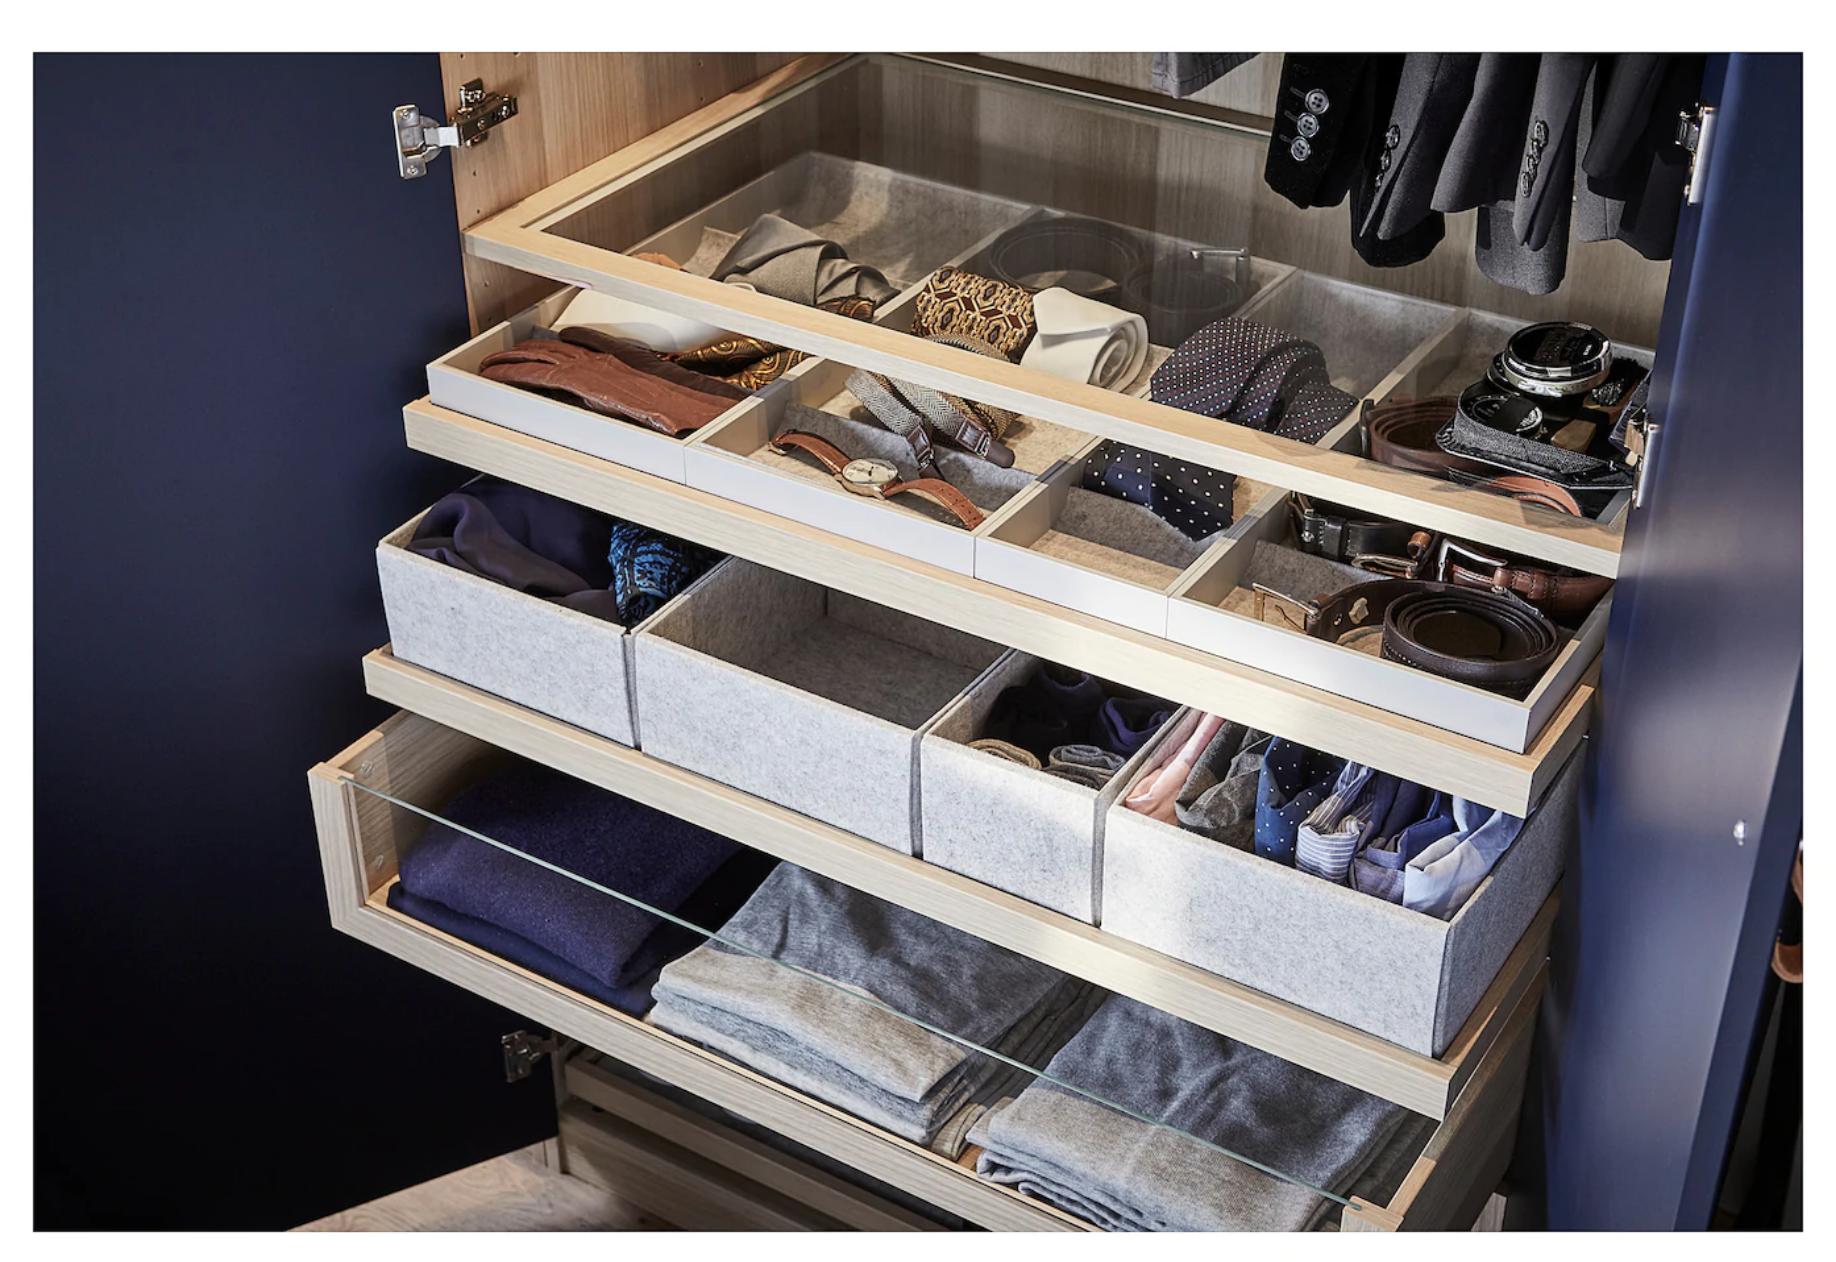 KOMPLEMENT almacenamiento corbatas IKEA. Para guardar las corbatas y otros accesorios